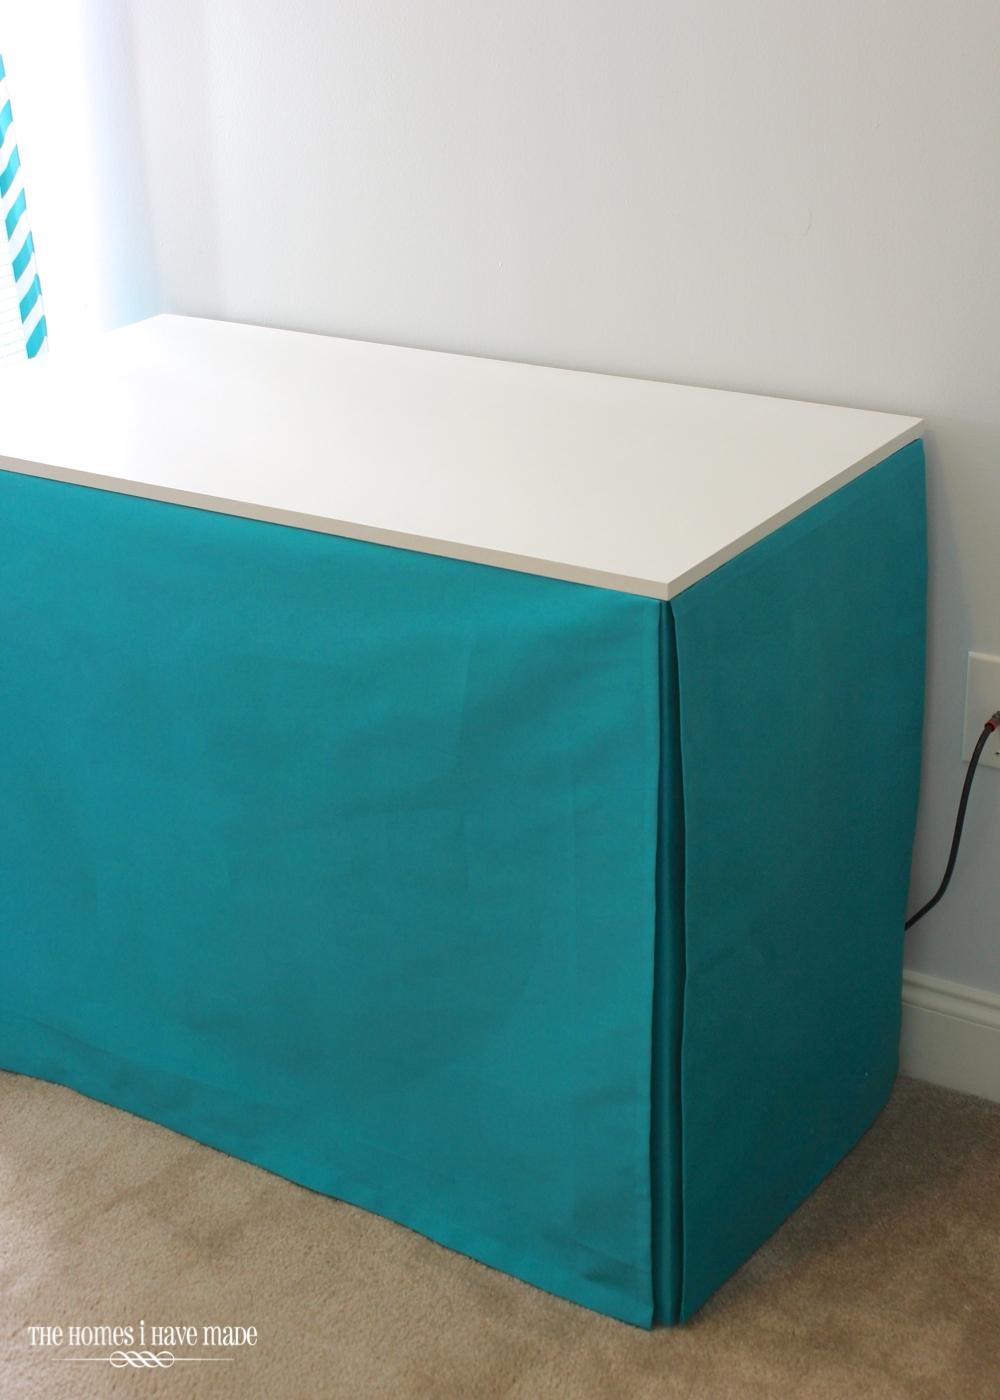 Table Skirt-010